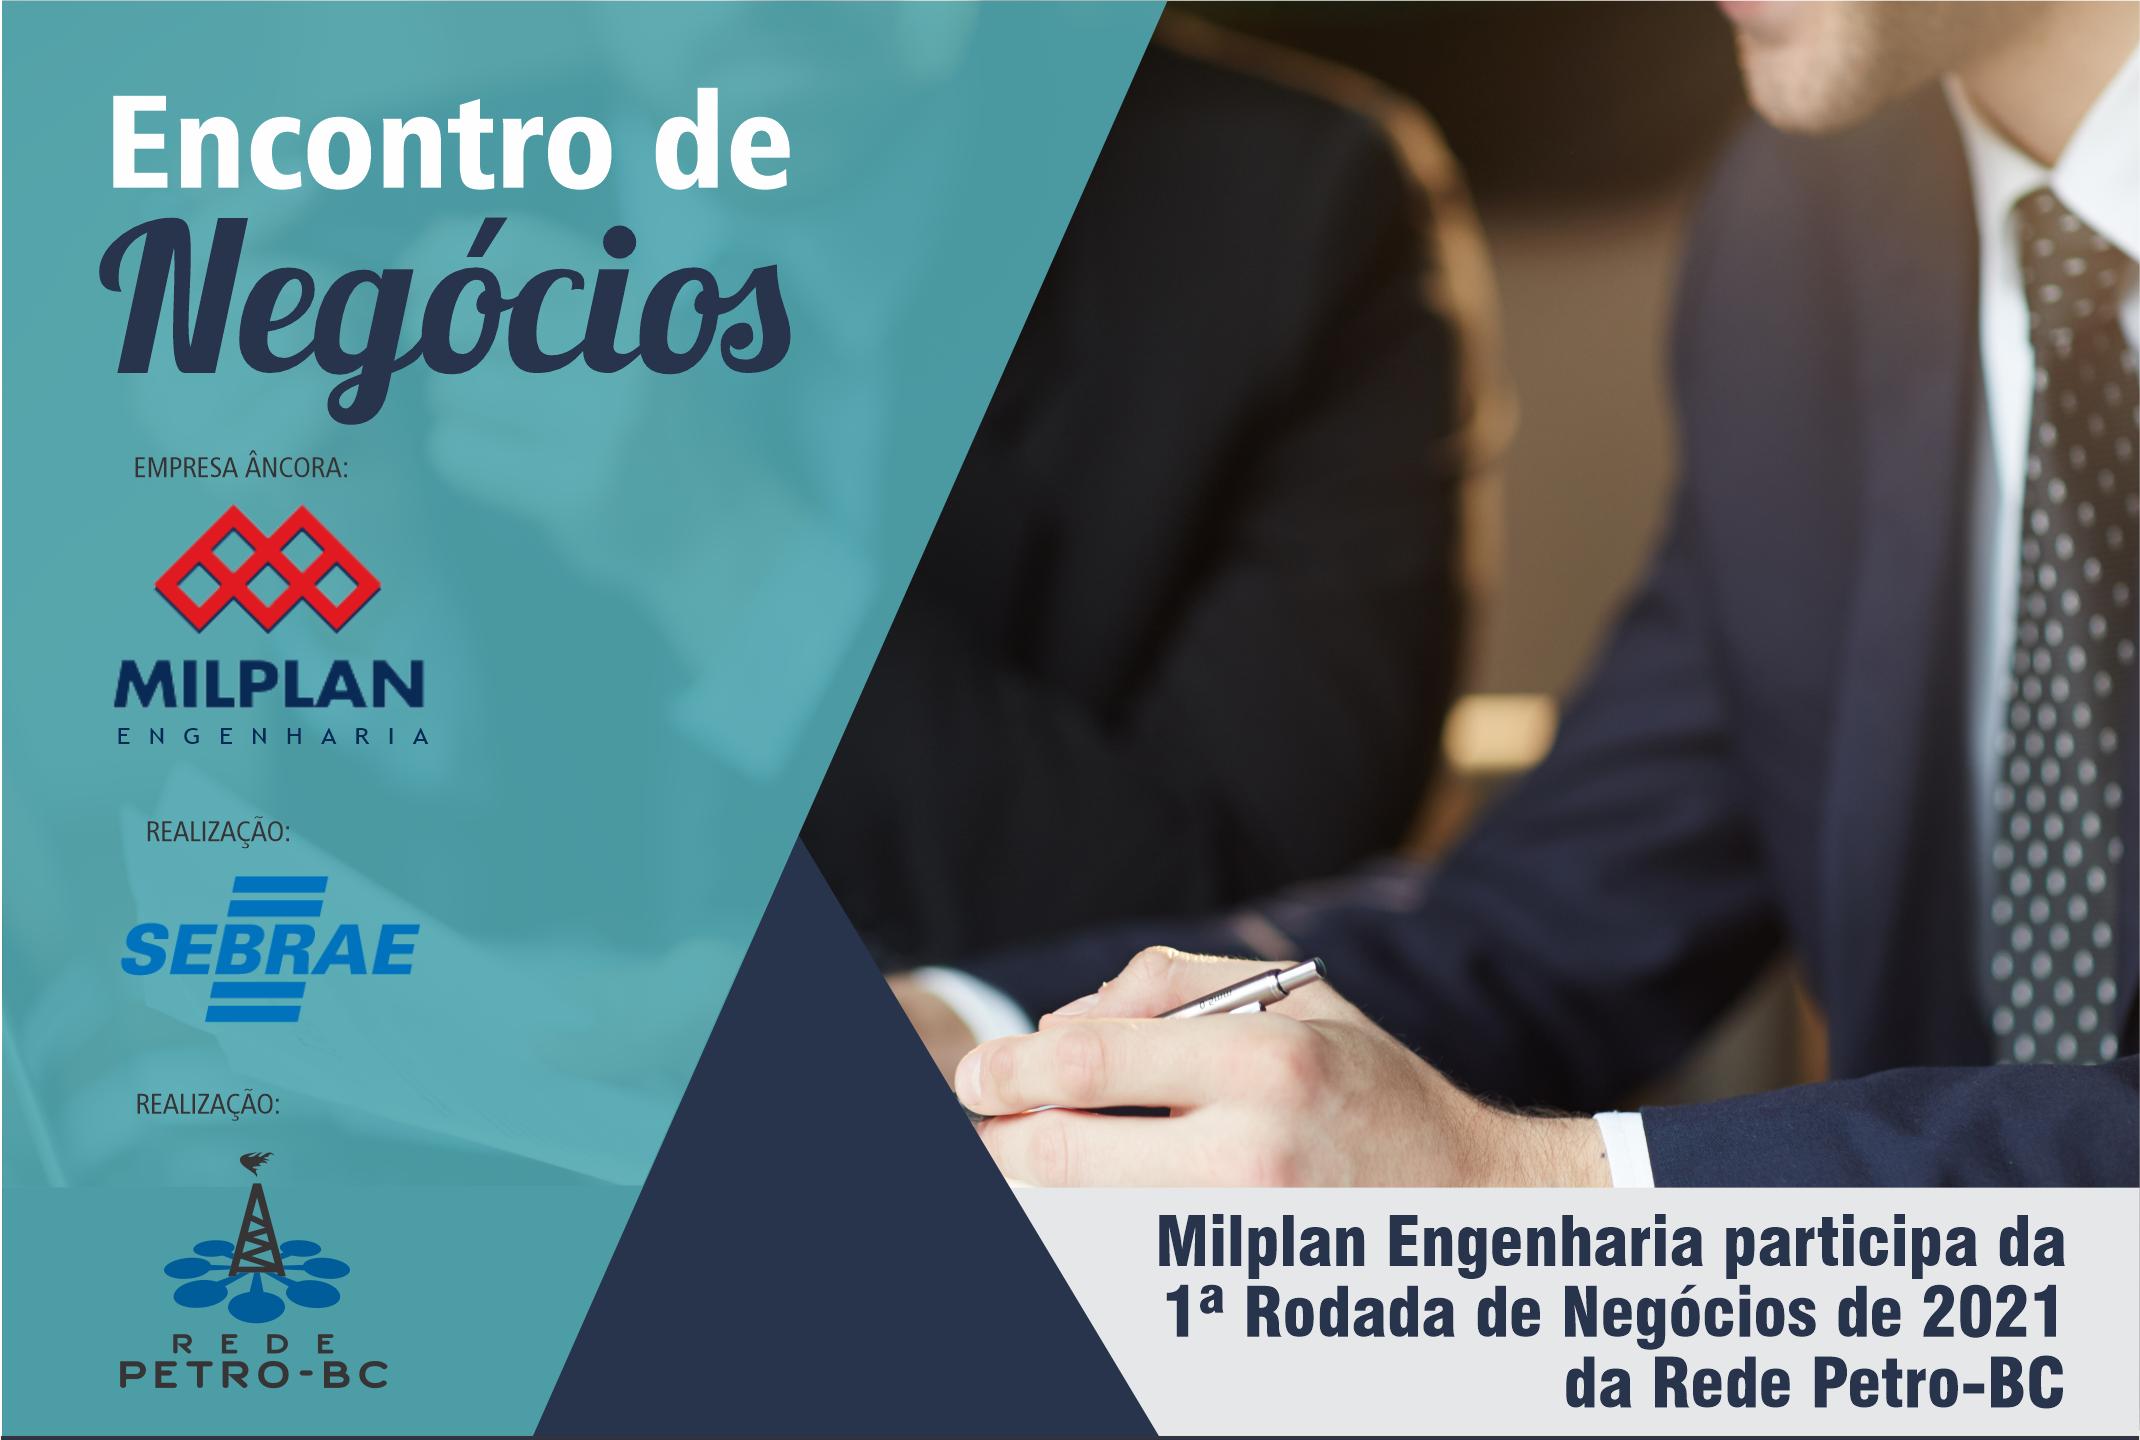 Milplan Engenharia participa da 1ª Rodada de Negócios de 2021 da Rede Petro-BC